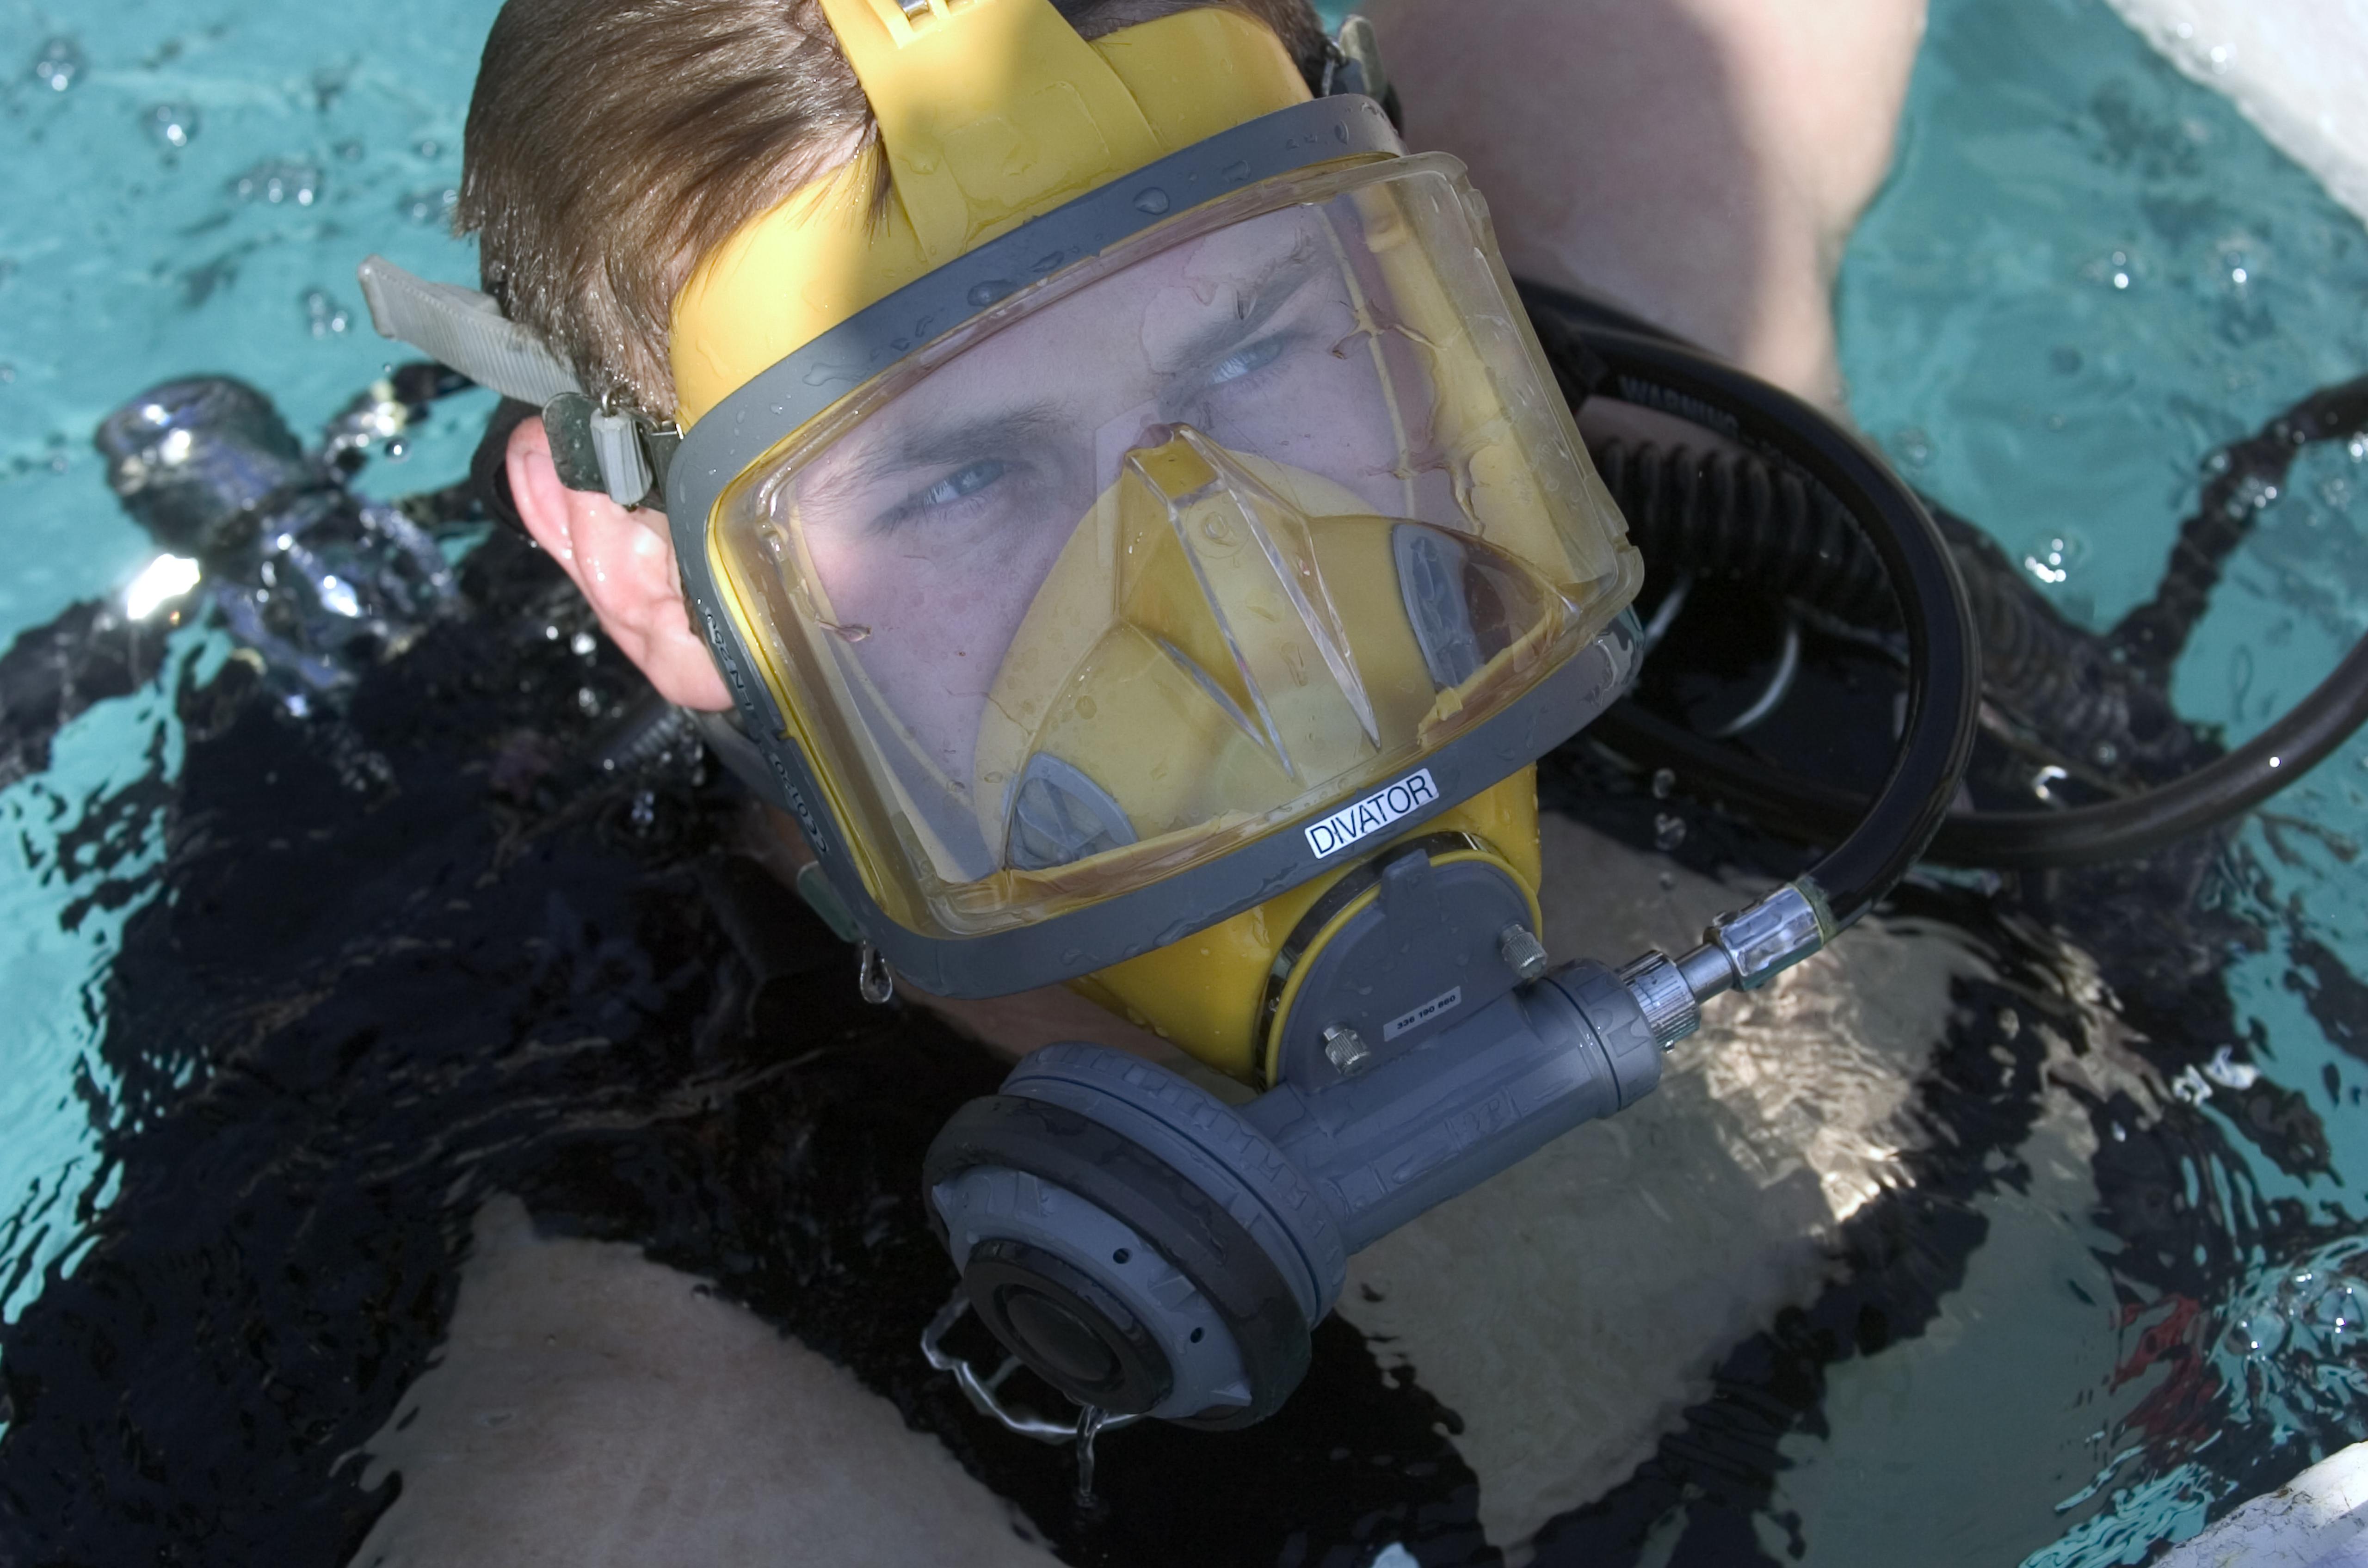 9d9e9e327 Full face diving mask - Wikipedia